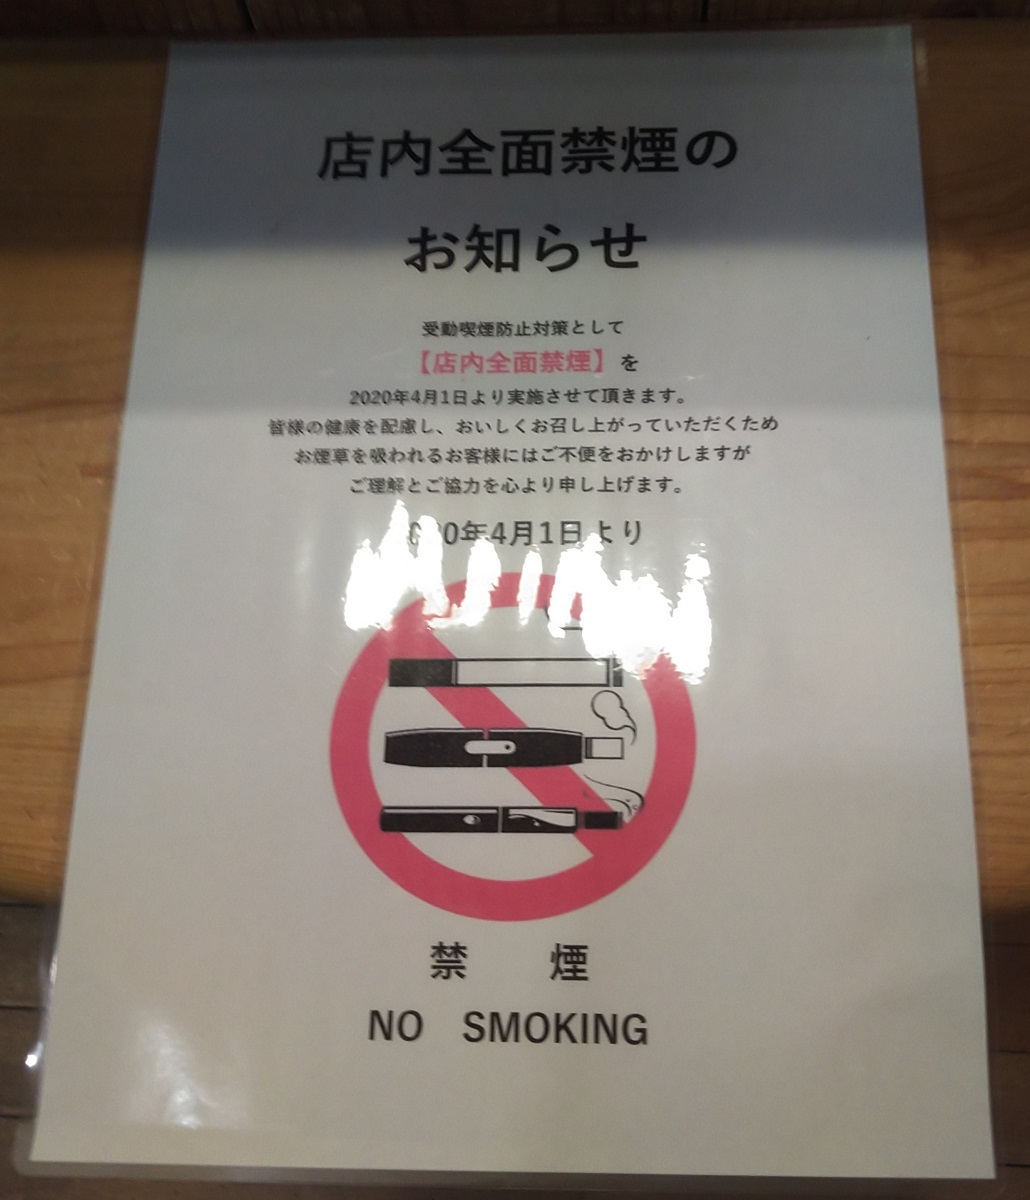 2020.3.2 15:13 コメダ - 禁煙のおしらせ 1030-1200